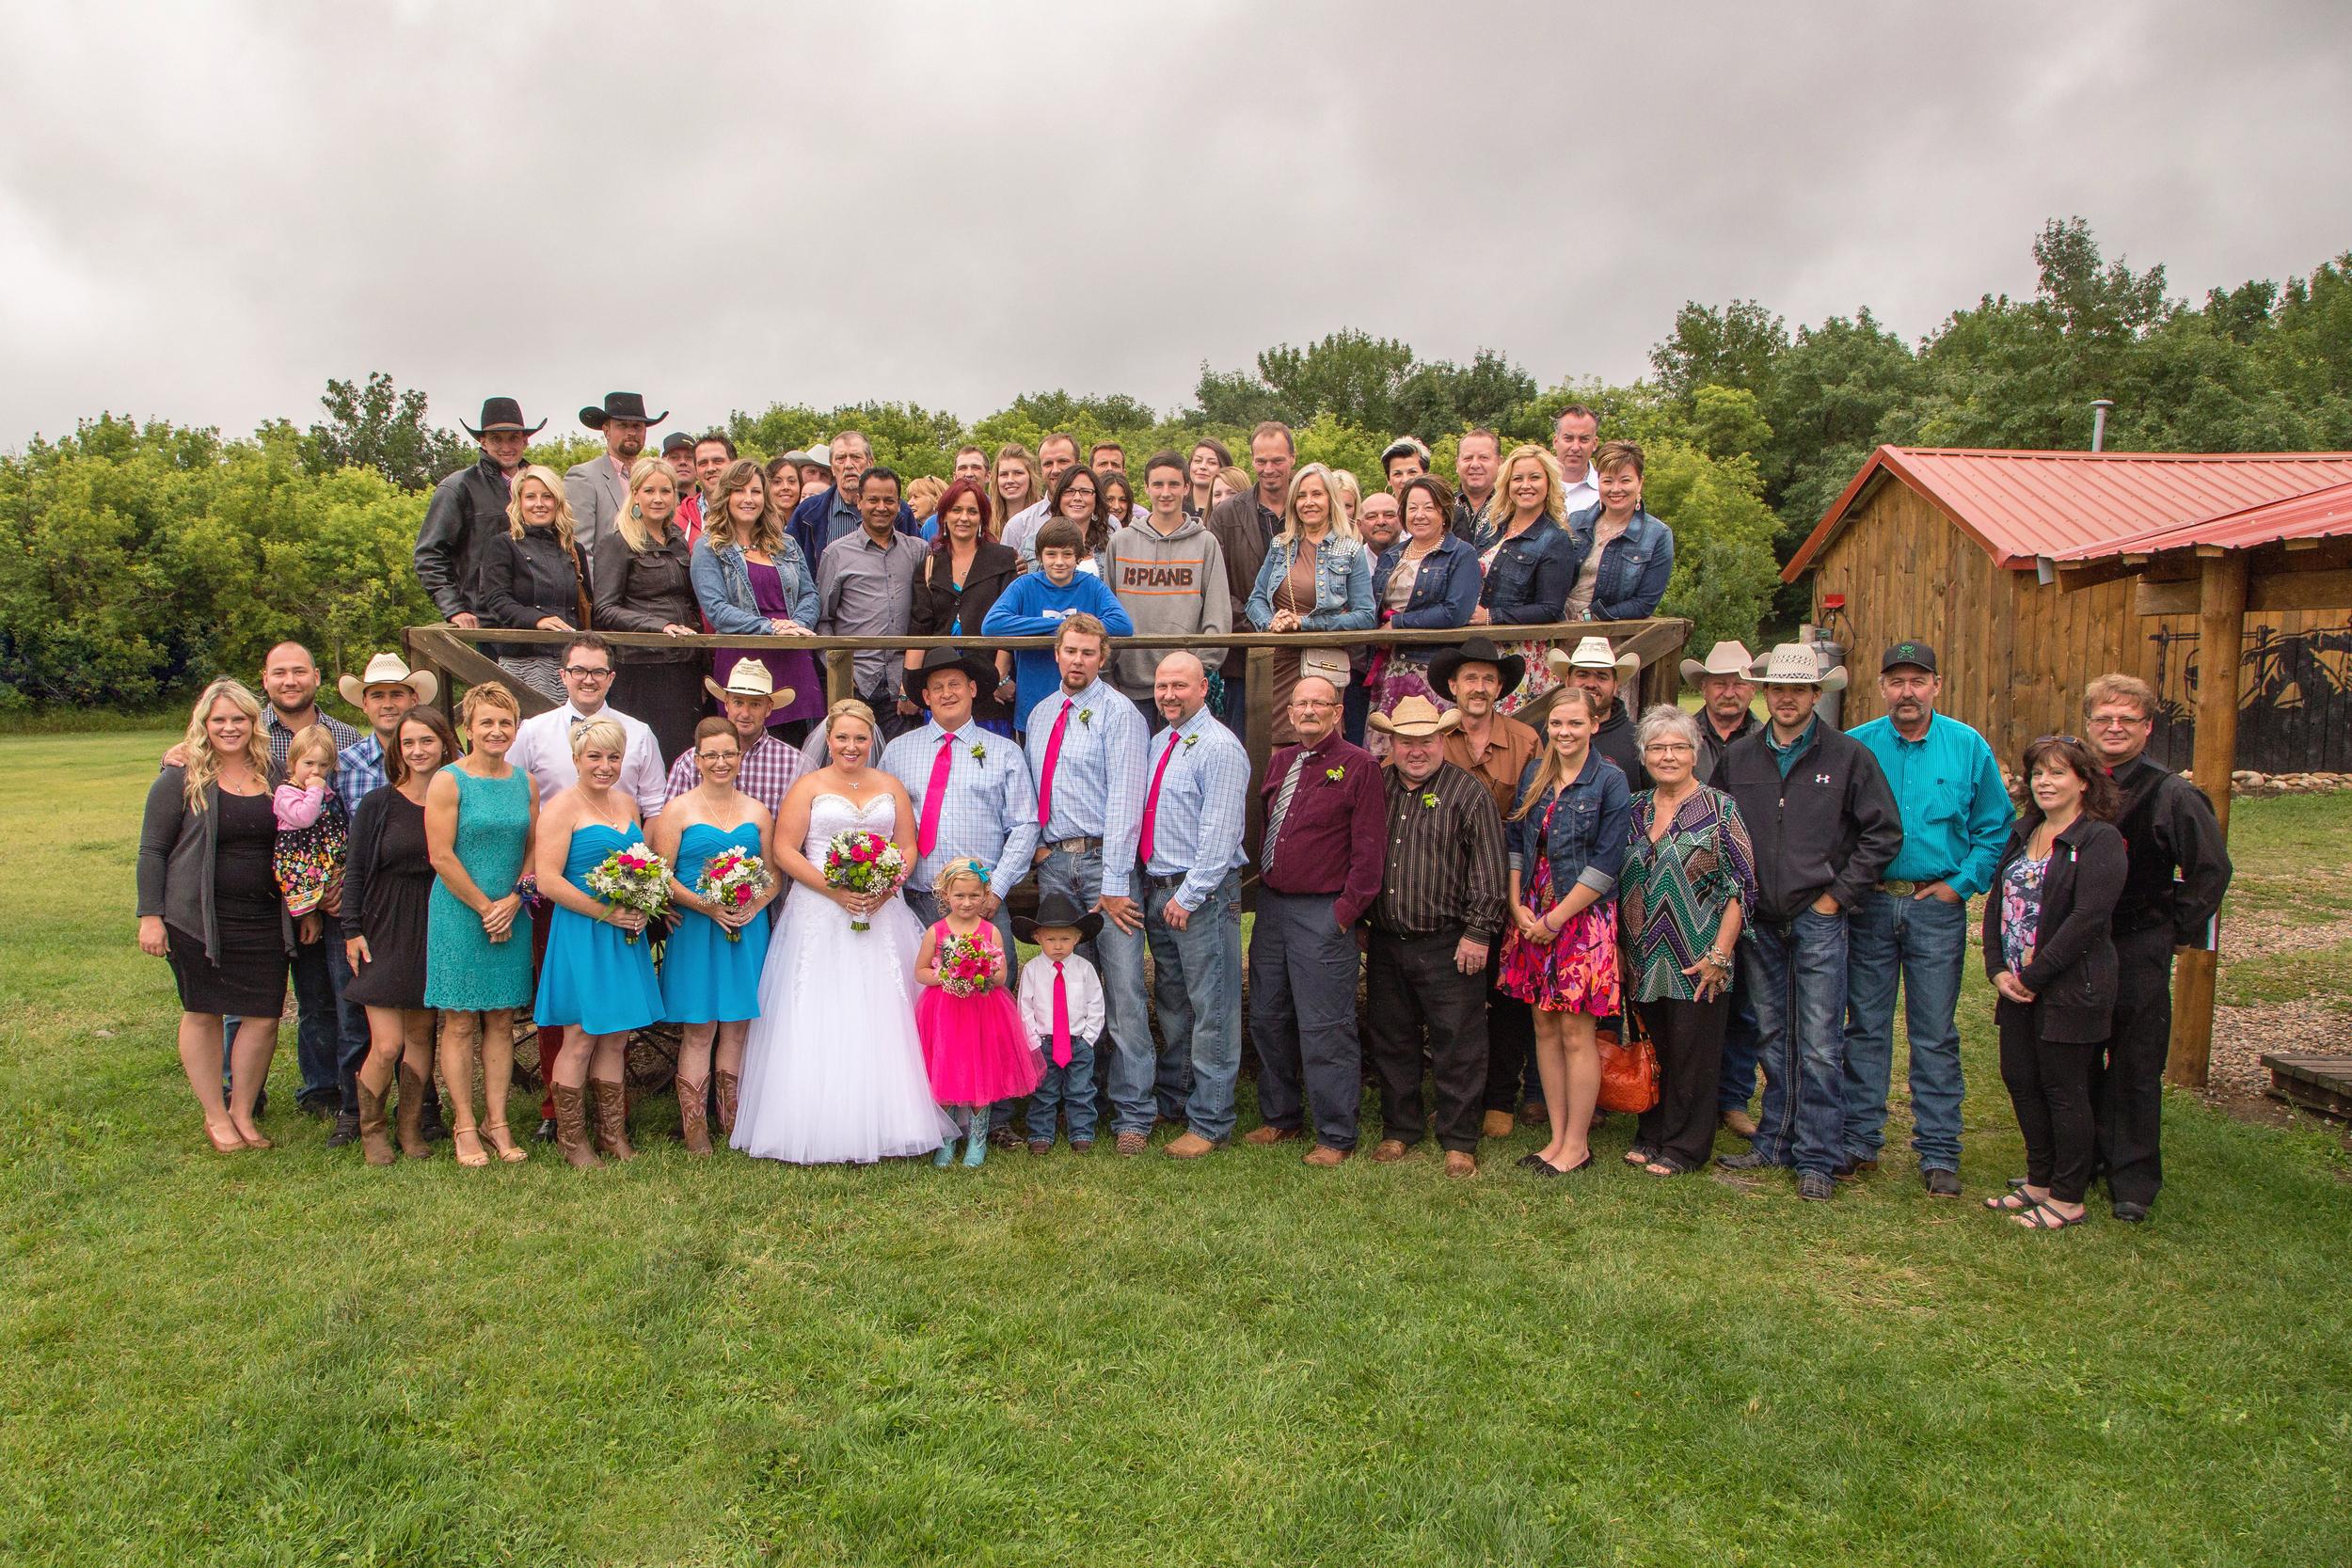 CS_Wedding_14-08-23_158.jpg